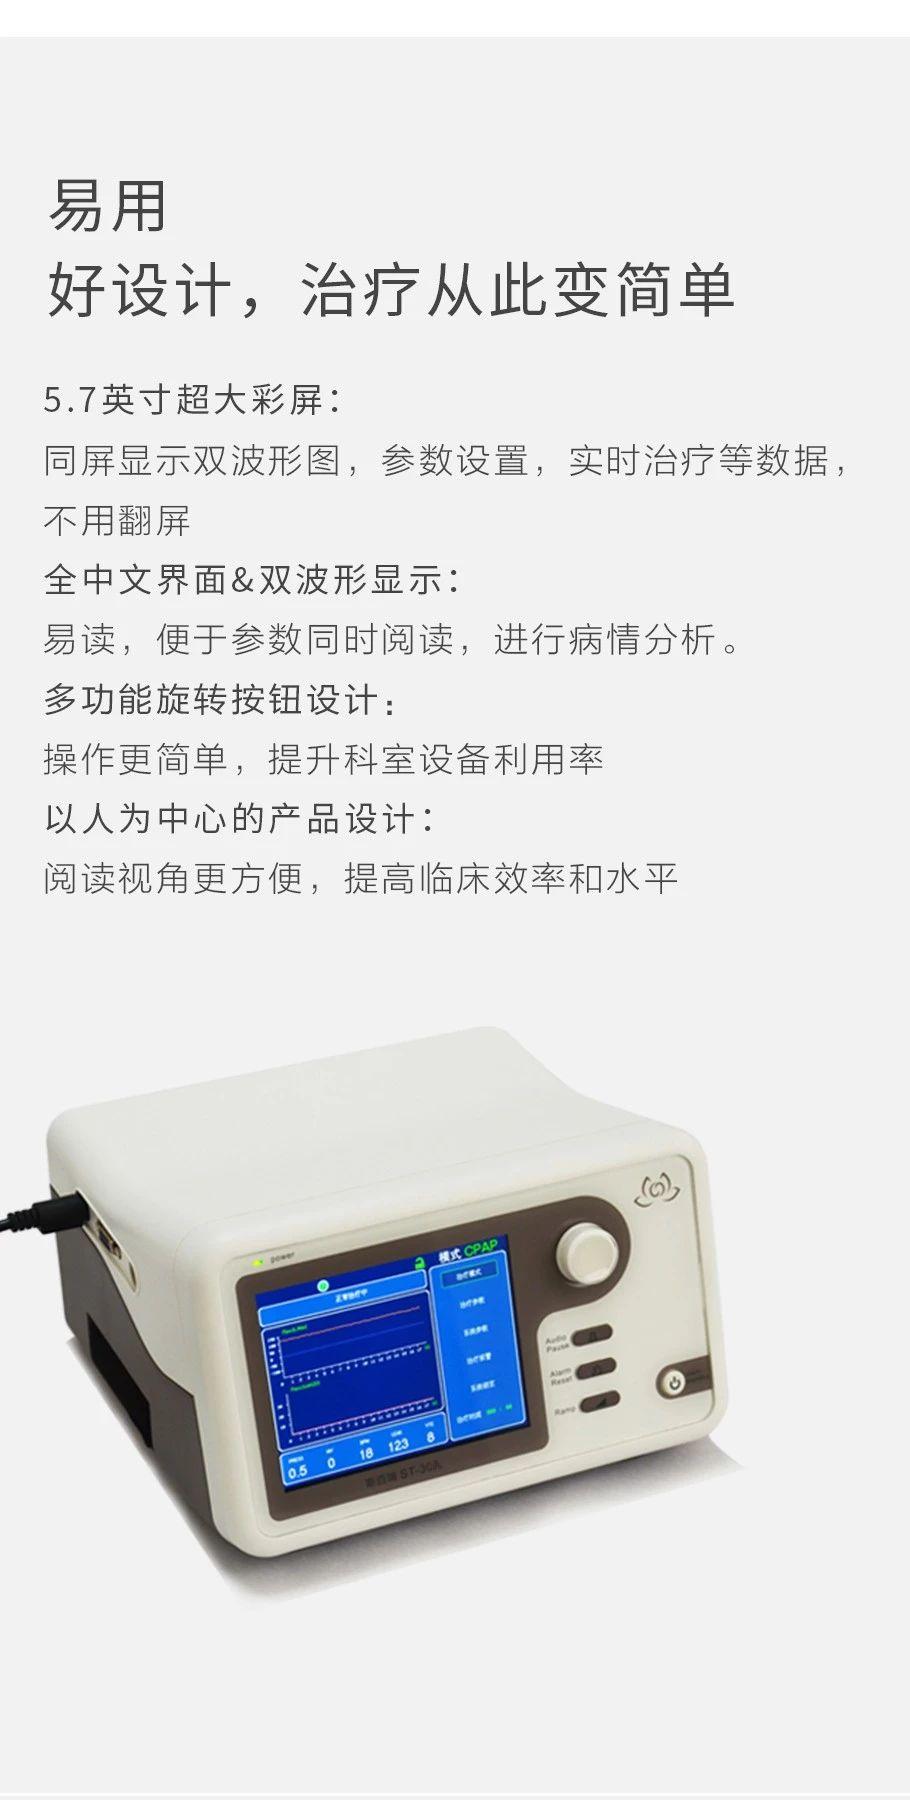 斯百瑞ST-30A 无创呼吸机